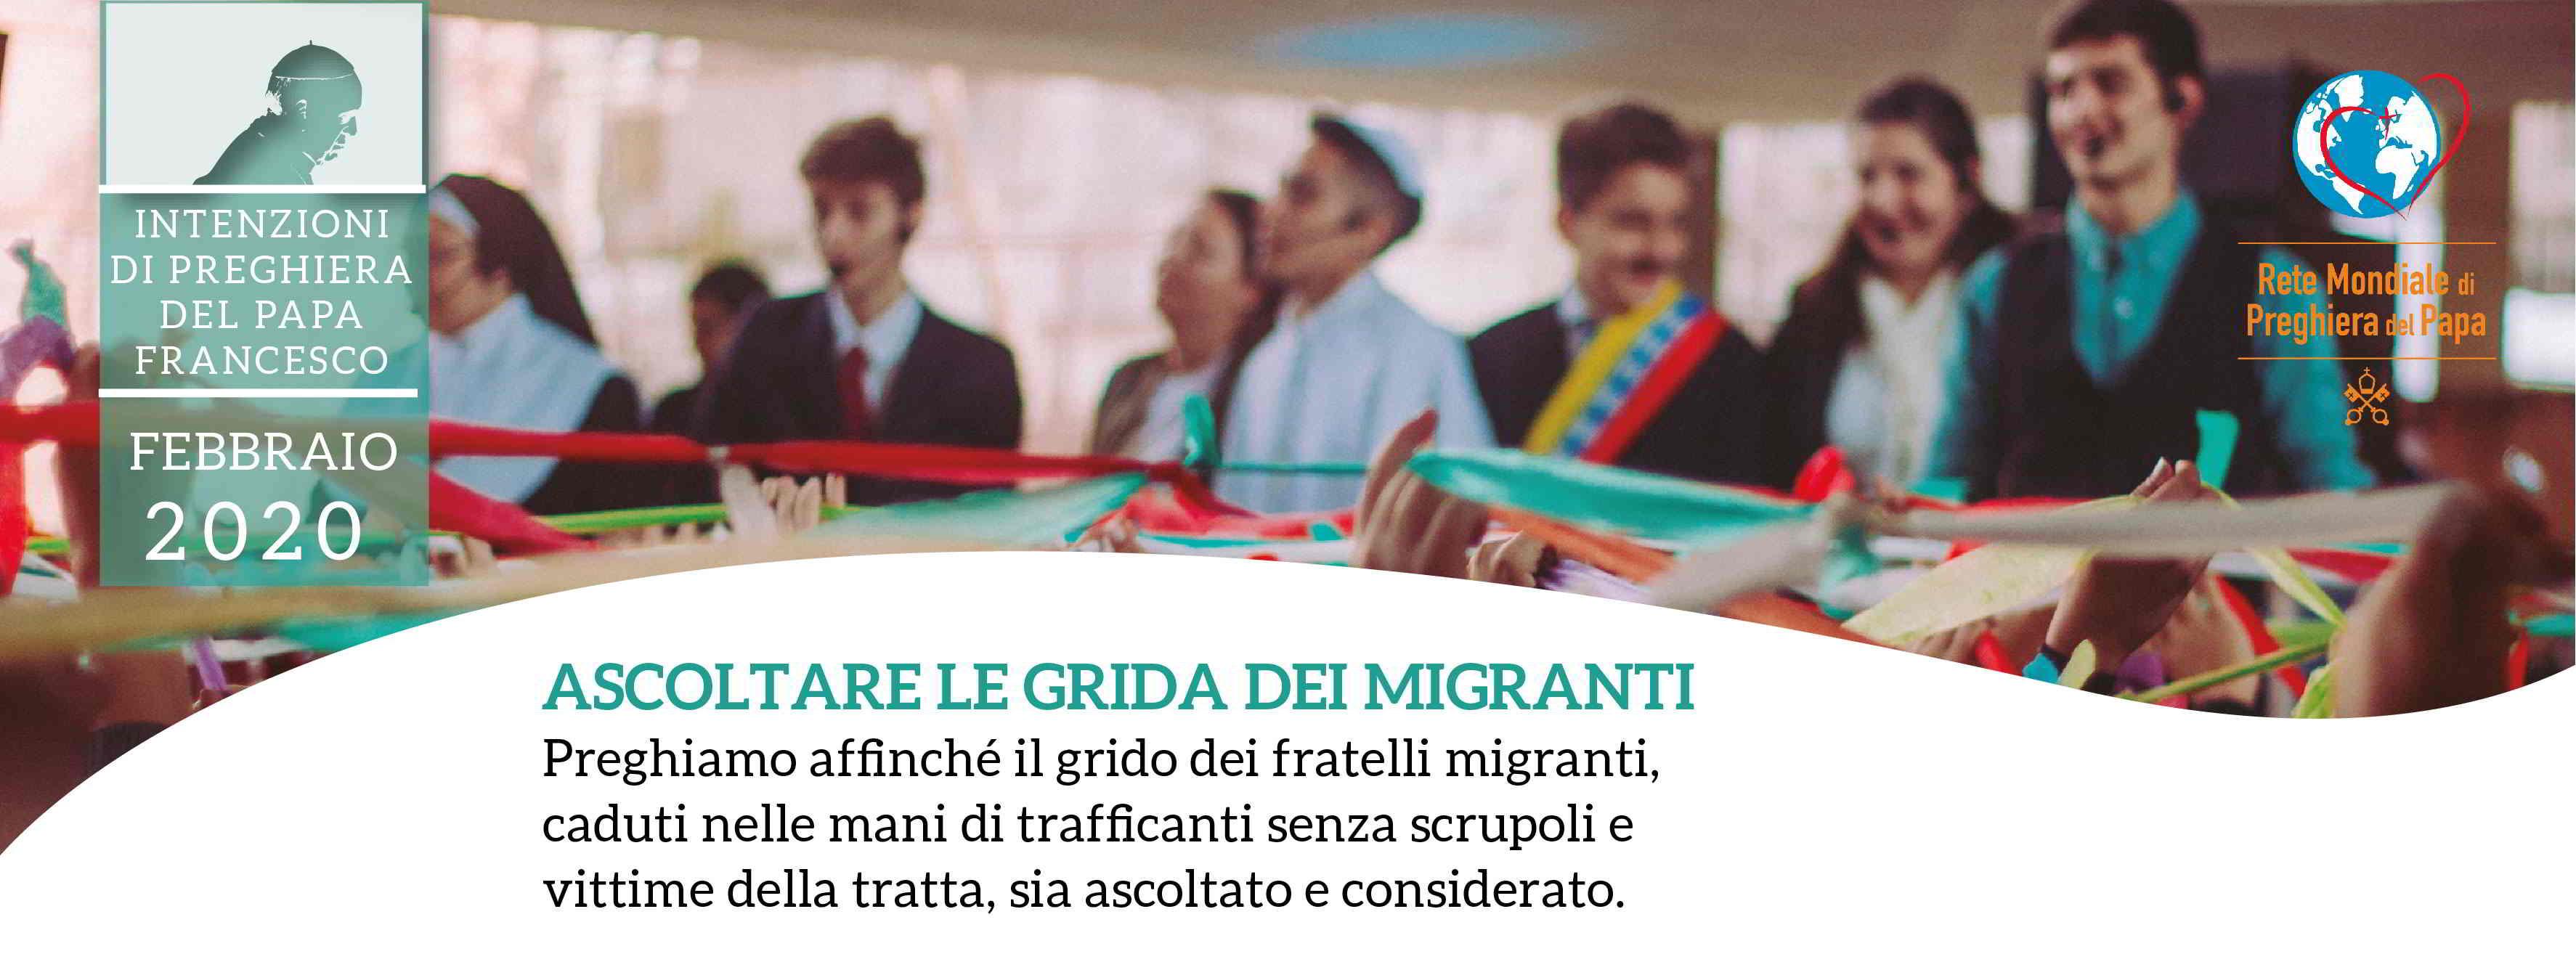 PORTADA-FEBRERO-IT-01